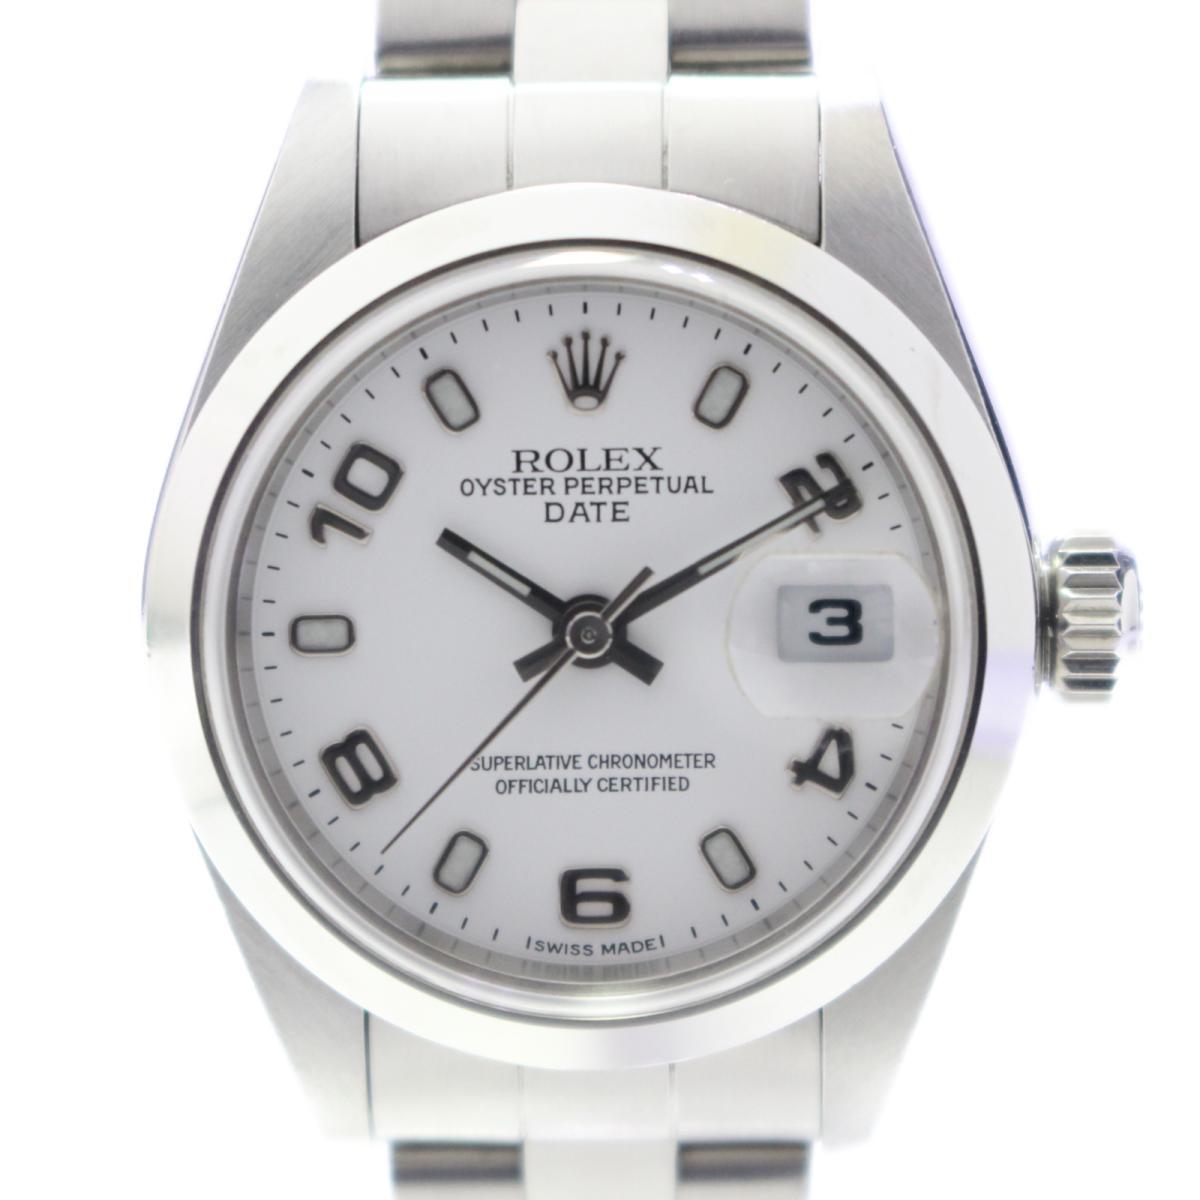 【中古】 ロレックス オイスターパーペチュアルデイト 腕時計 ウォッチ レディース ステンレススチール (SS) (69160) | ROLEX BRANDOFF ブランドオフ メンズ ブランド ブランド時計 ブランド腕時計 時計